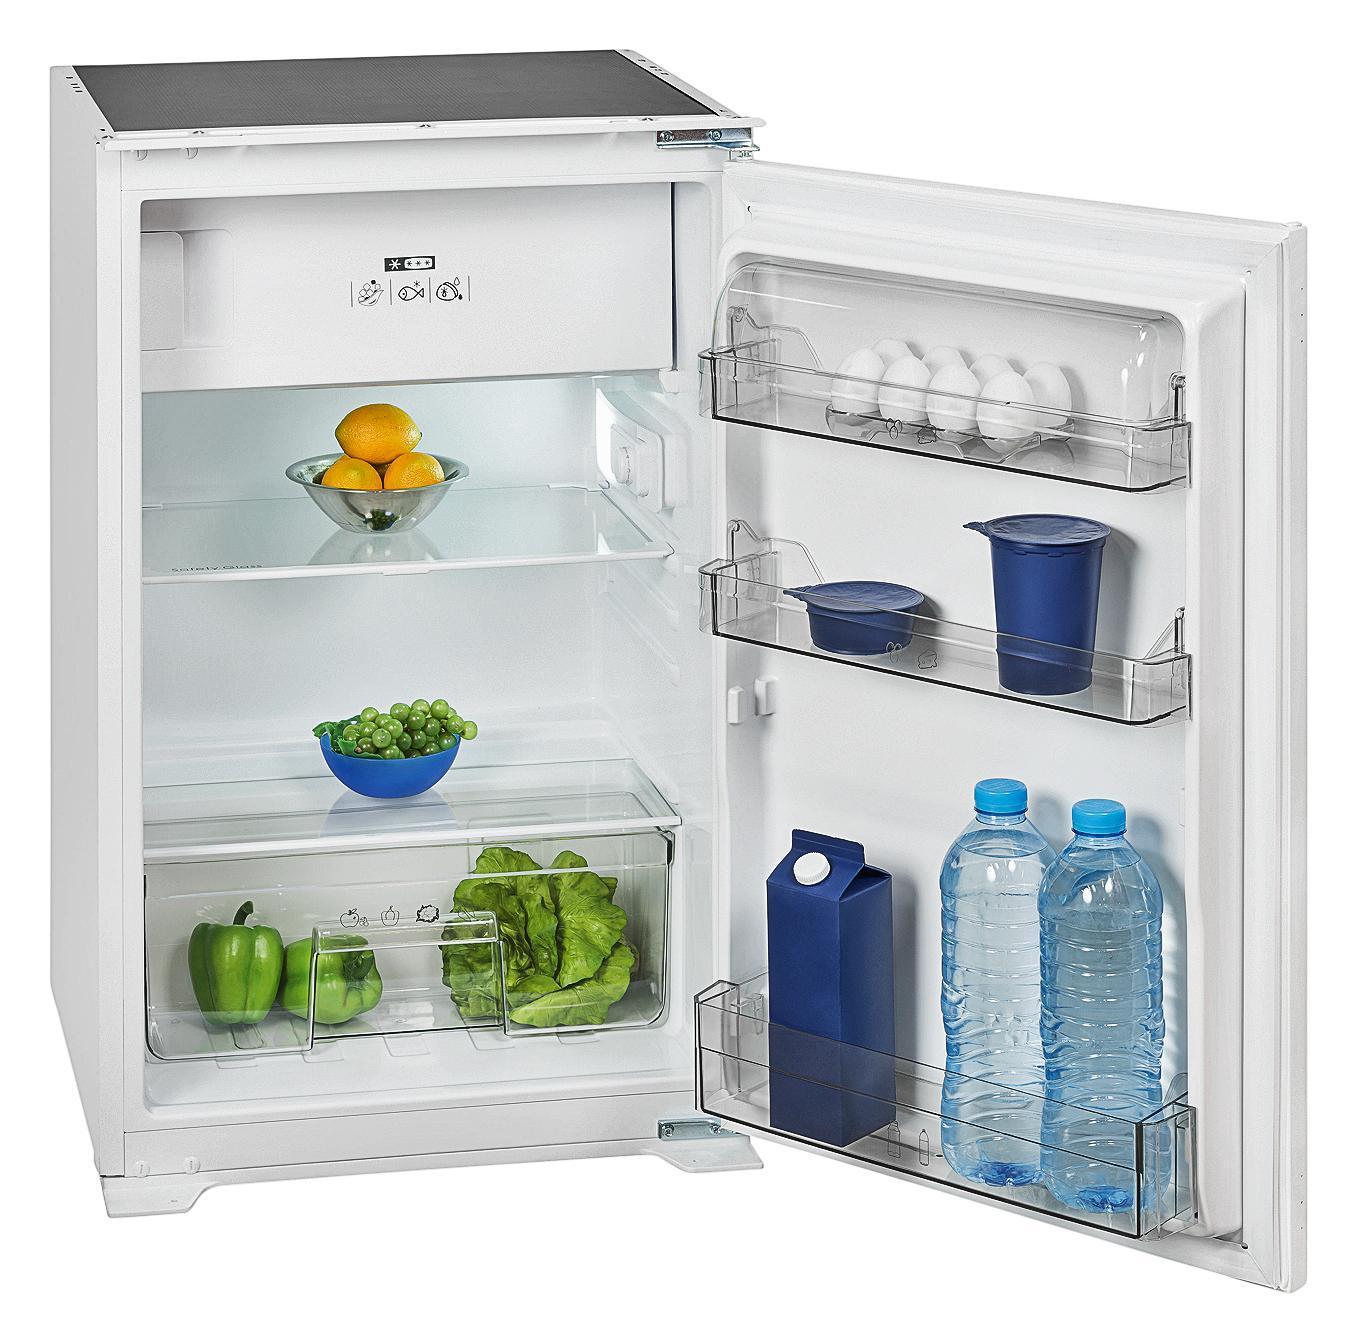 Kühlschrank Exquisit : Kühlschrank exquisit online kaufen ➤ möbelix